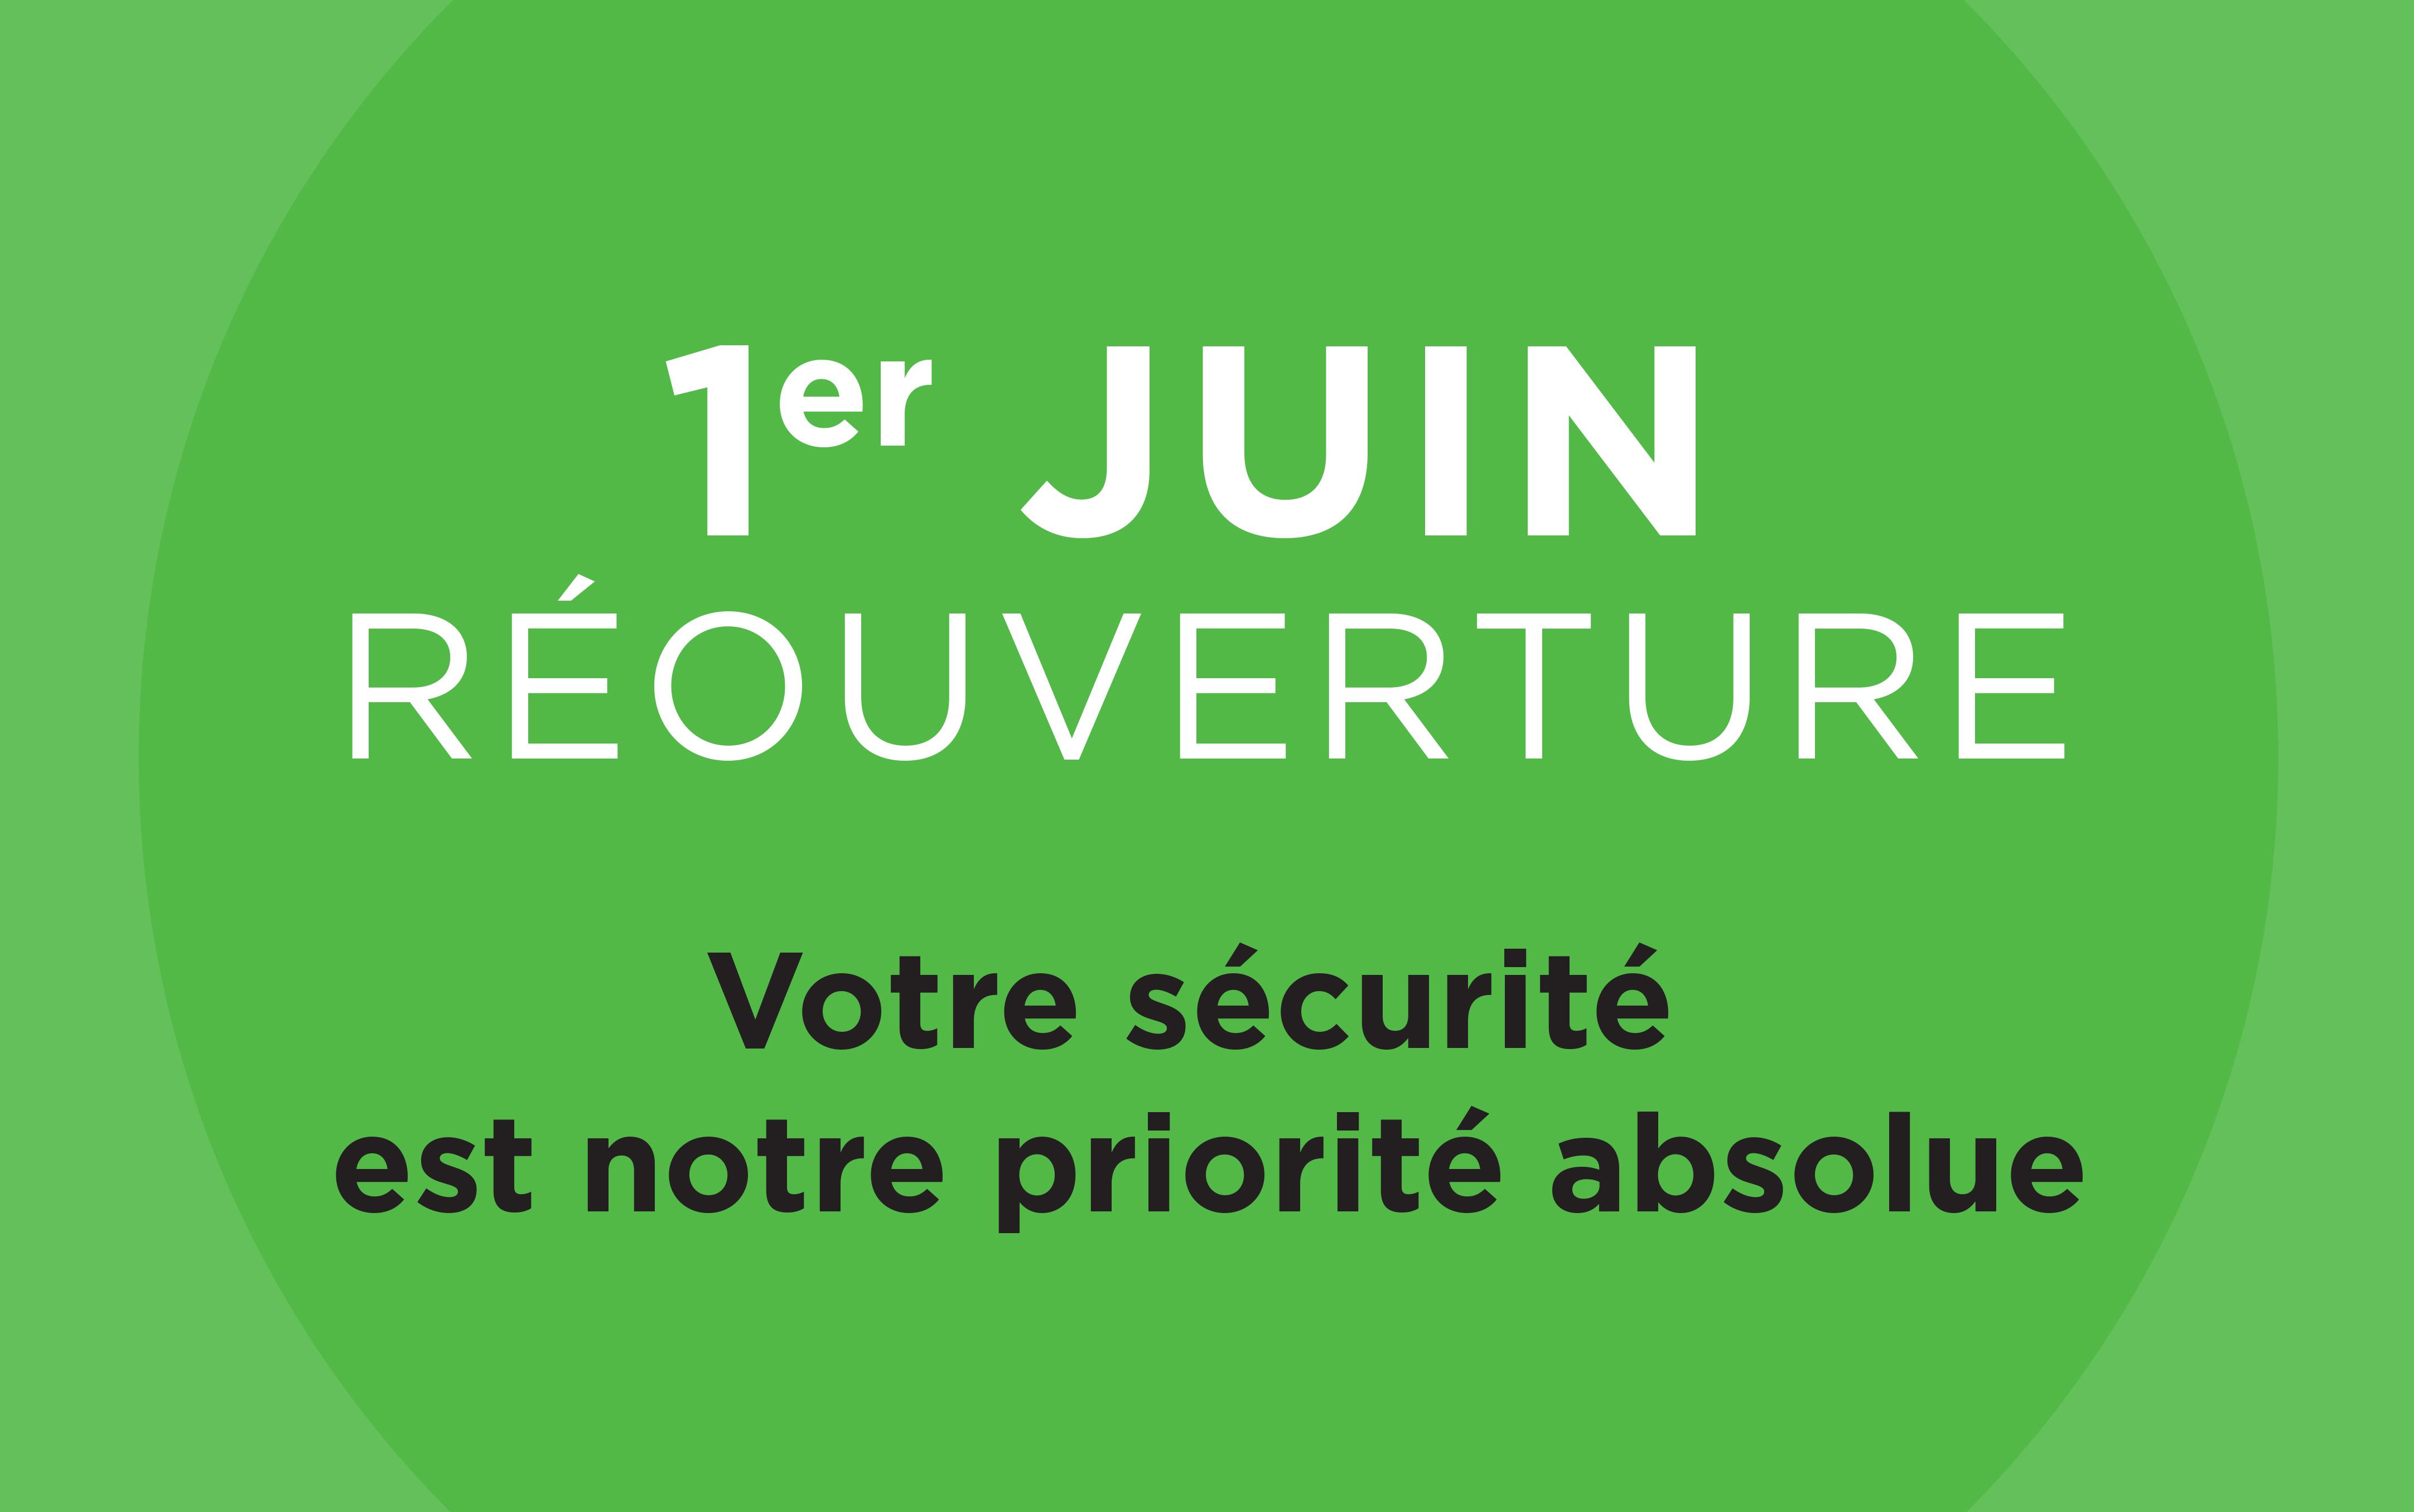 Centres_reouverture_web